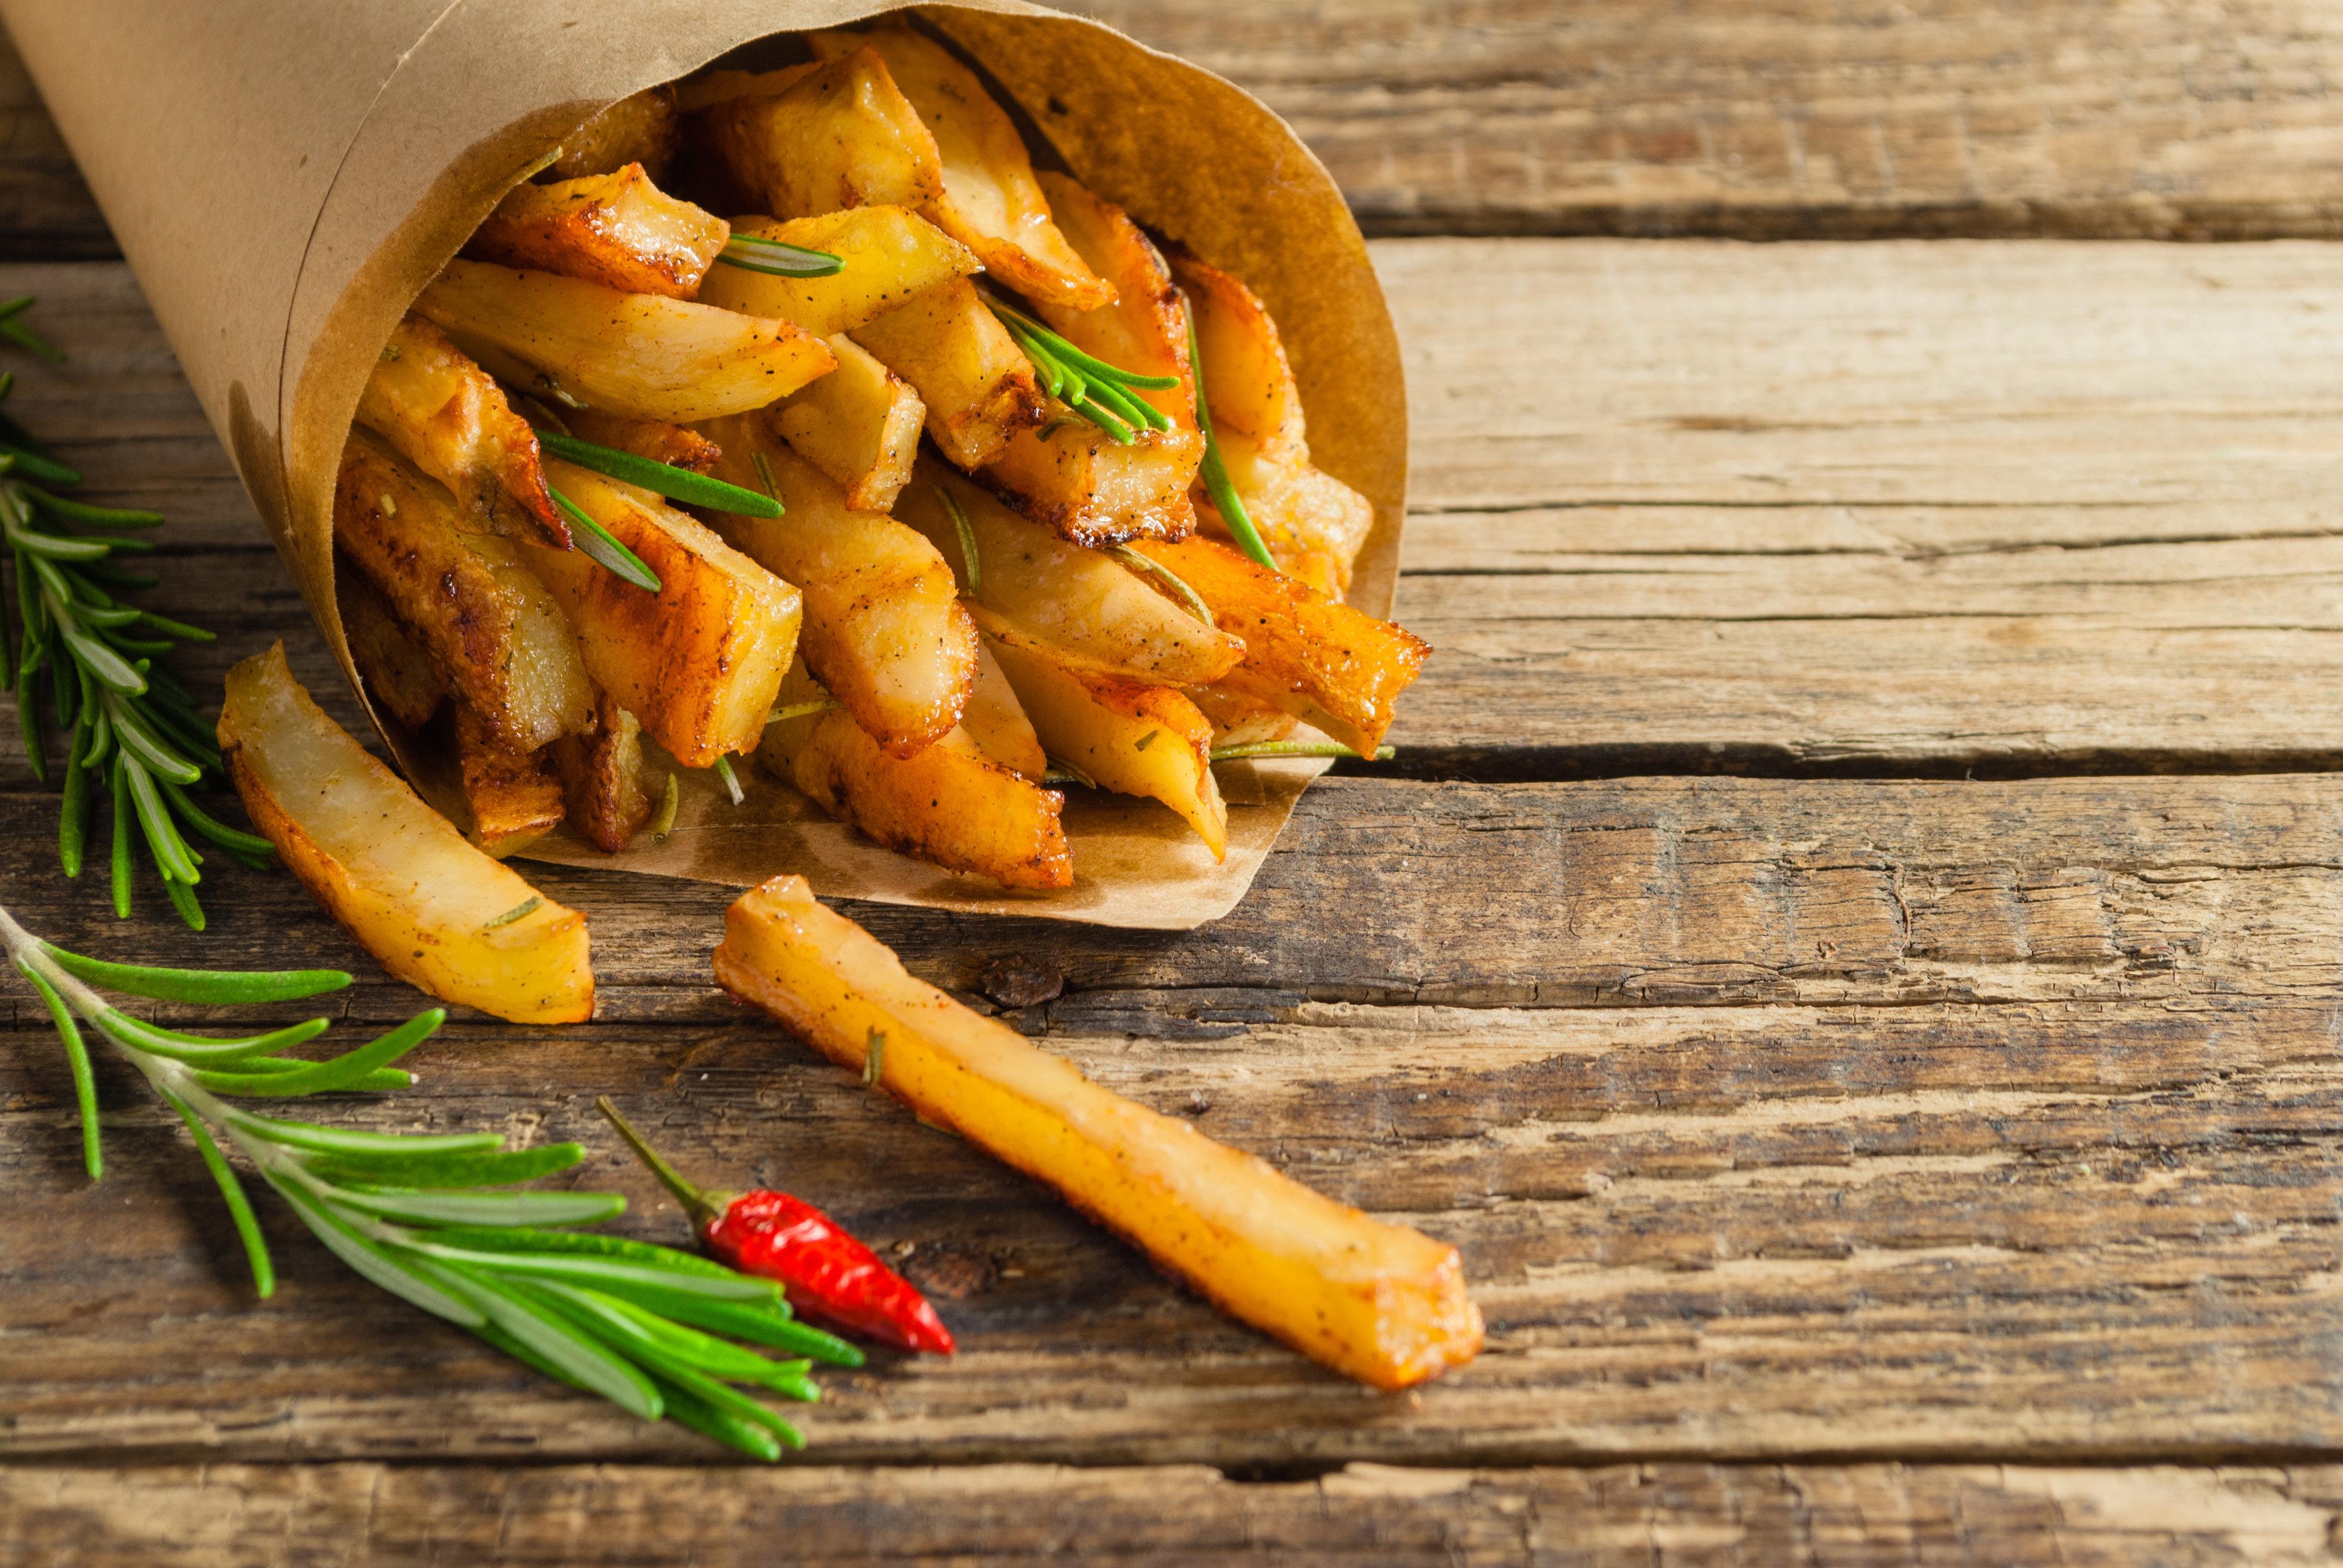 Η ανακάλυψη της τηγανητής πατάτας, η σχέση των Αρχαίων Αιγύπτιων με τα κρουασάν και άλλες 5 ιστορίες φαγητού